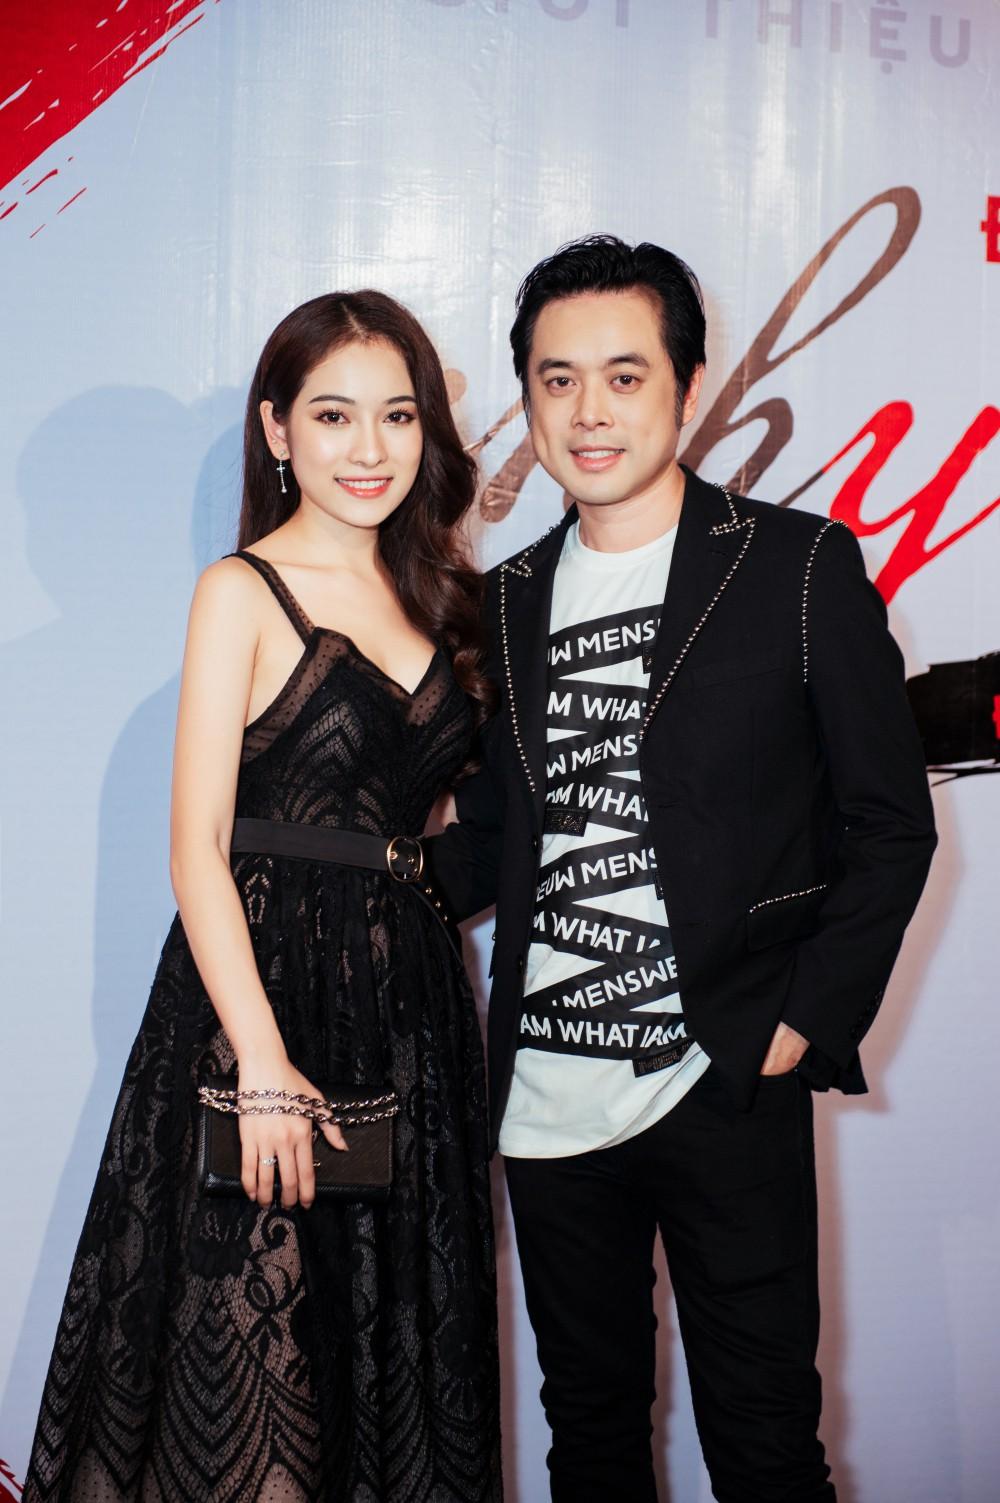 Rộ nghi vấn Dương Khắc Linh đã đính hôn bạn gái Ngọc Duyên từ chi tiết nhỏ này - Ảnh 1.